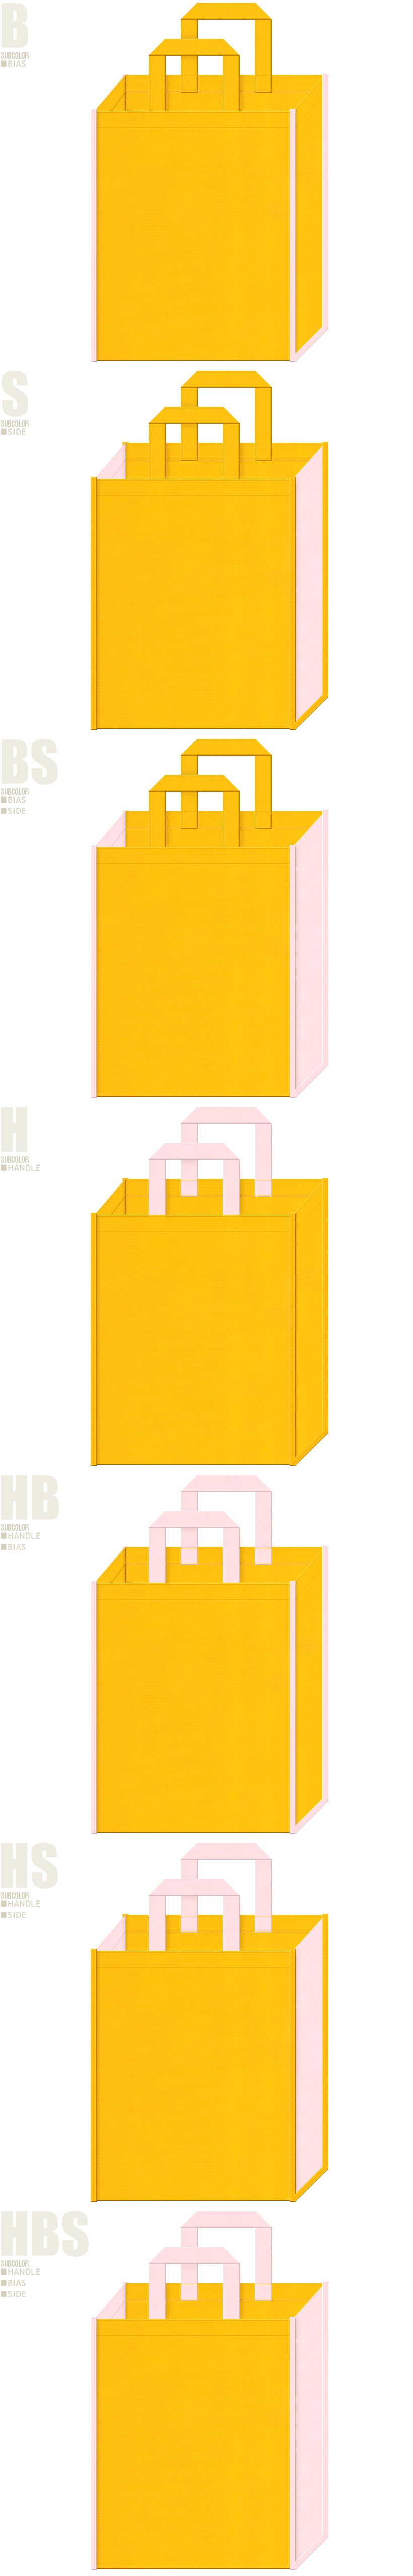 黄色と桜色、7パターンの不織布トートバッグ配色デザイン例。